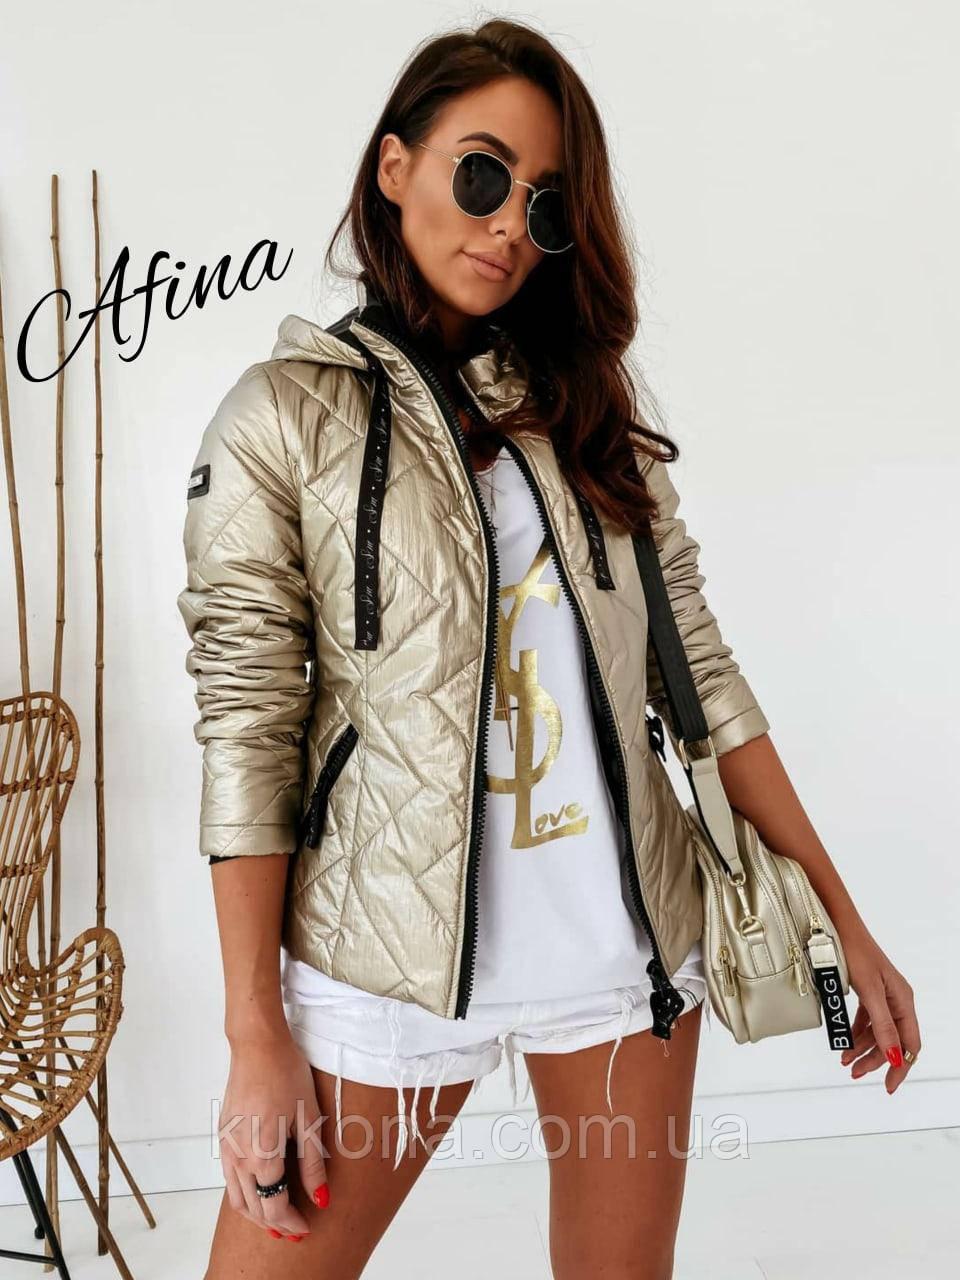 Куртка женская демисезонная. Цвет: золото, черный, серебро